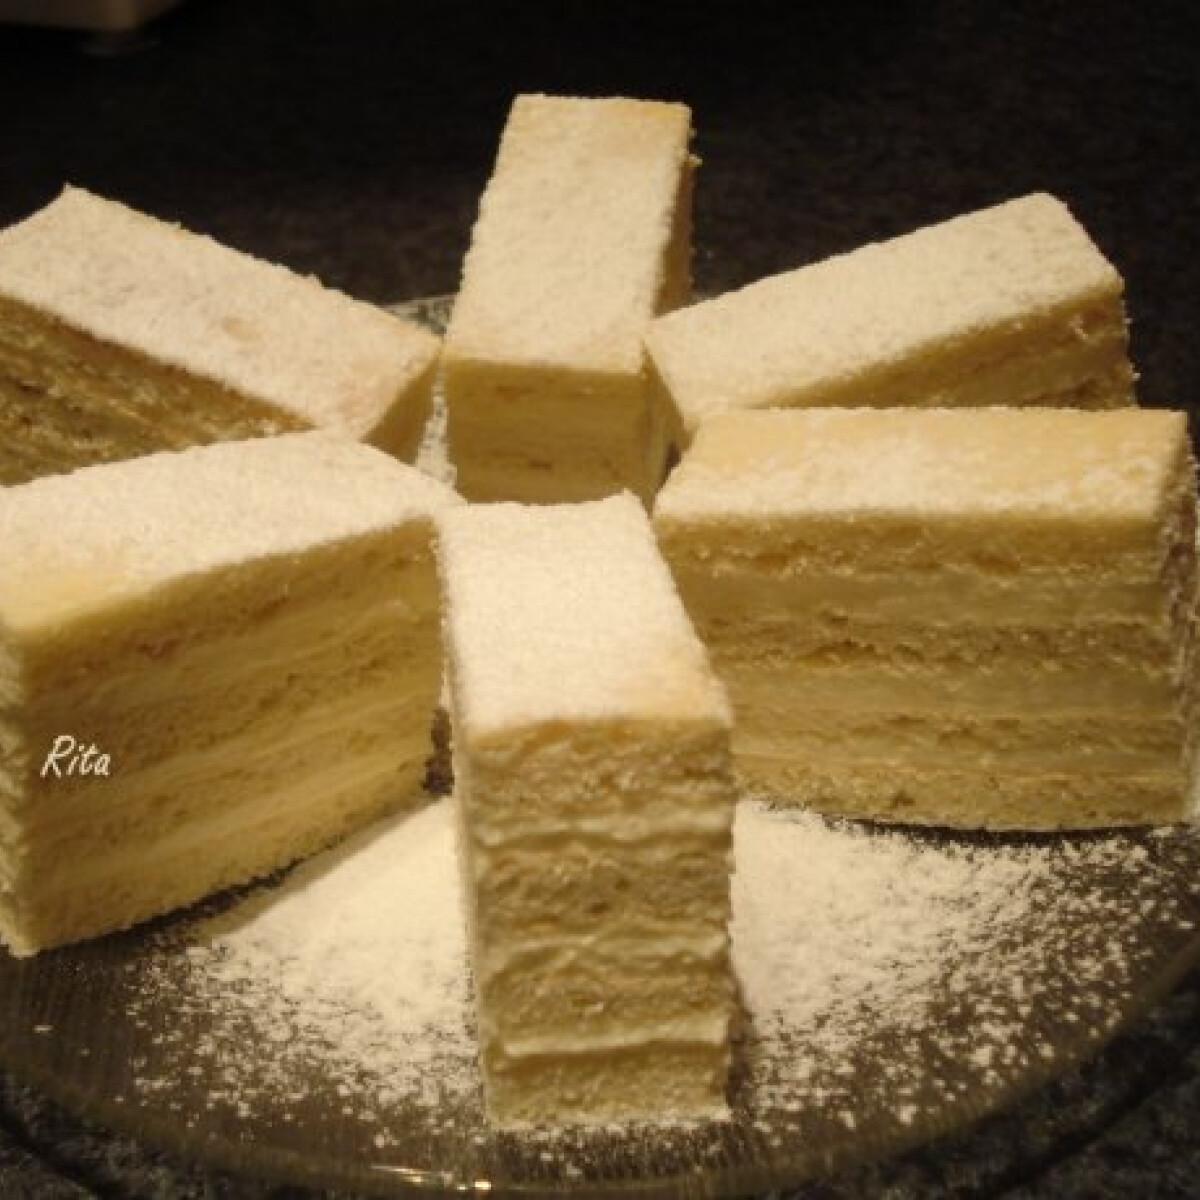 Ezen a képen: Hókocka - TraRita konyhájából